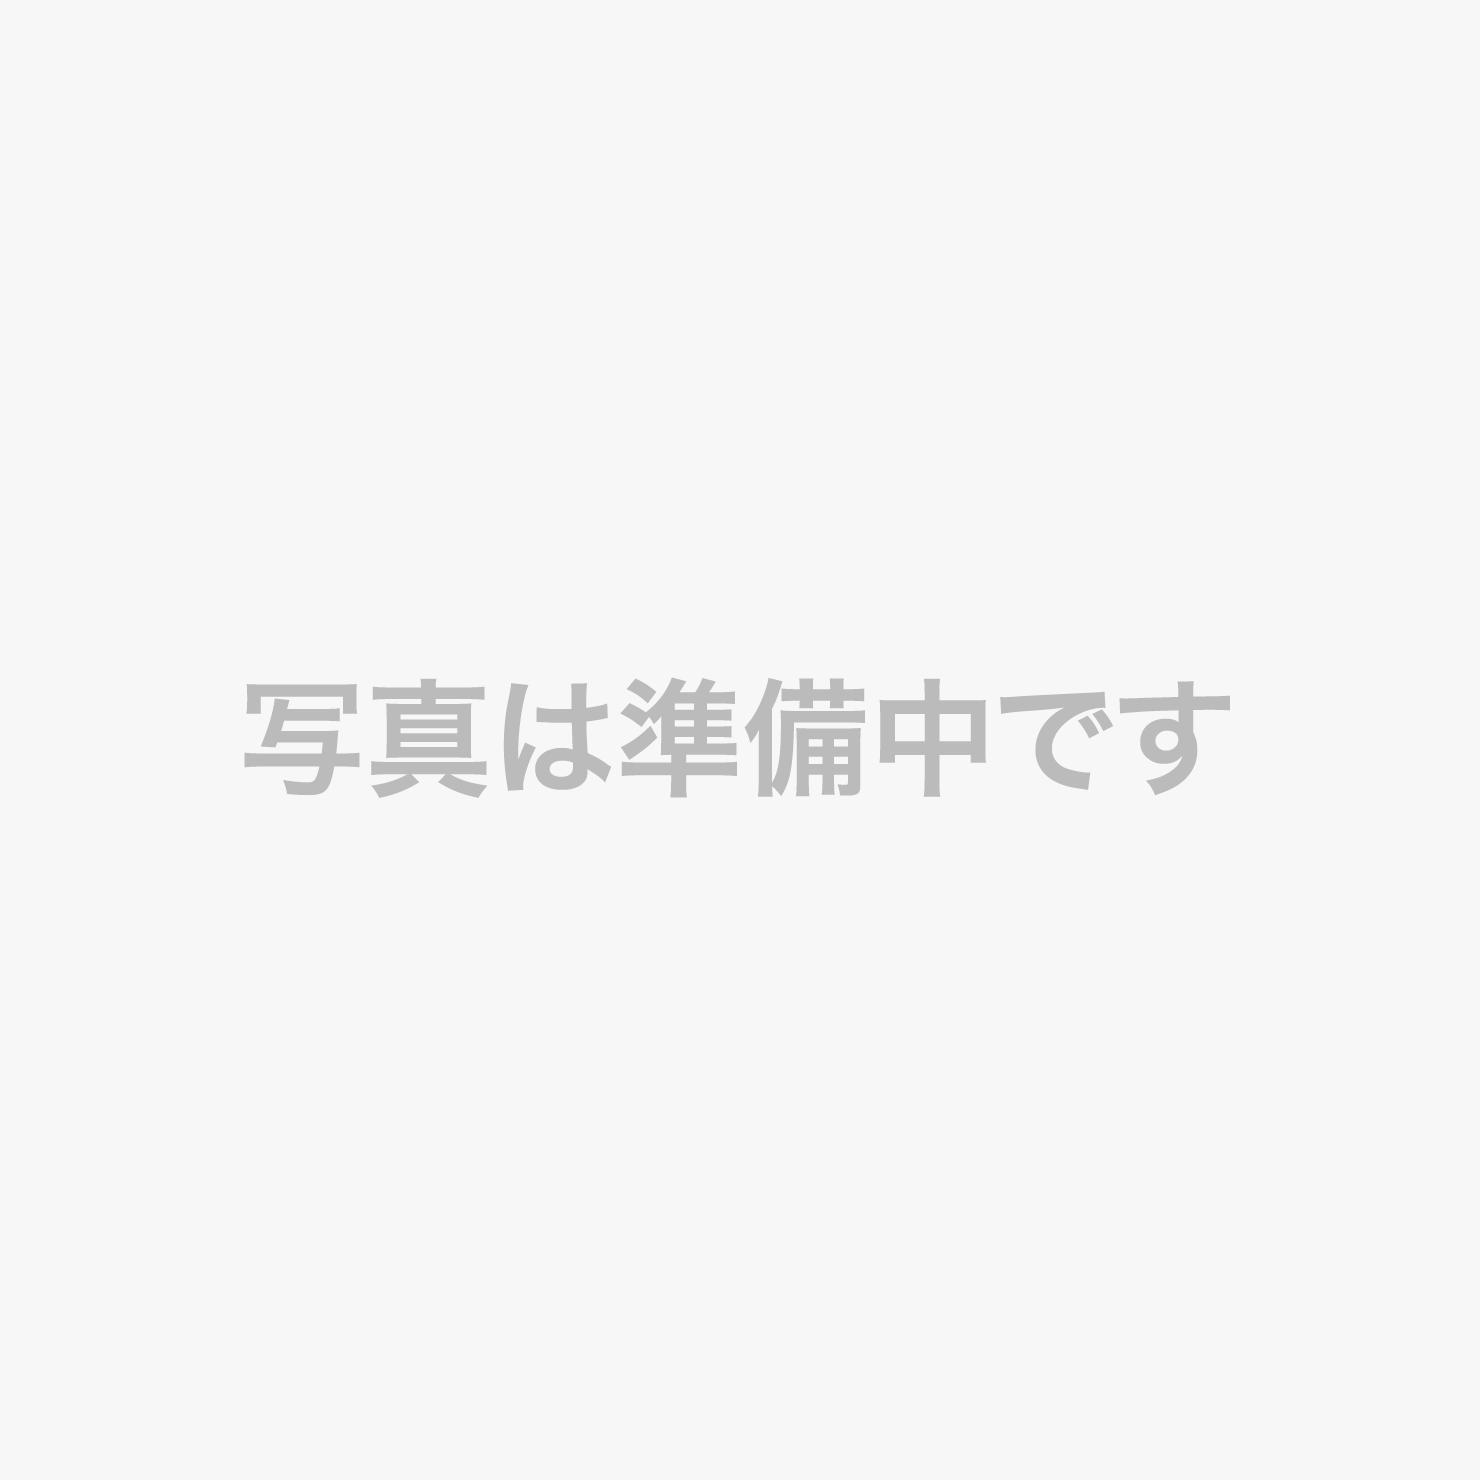 【ロイヤルグランシャリオ】生け簀には旬の活魚/ライブキッチン和食